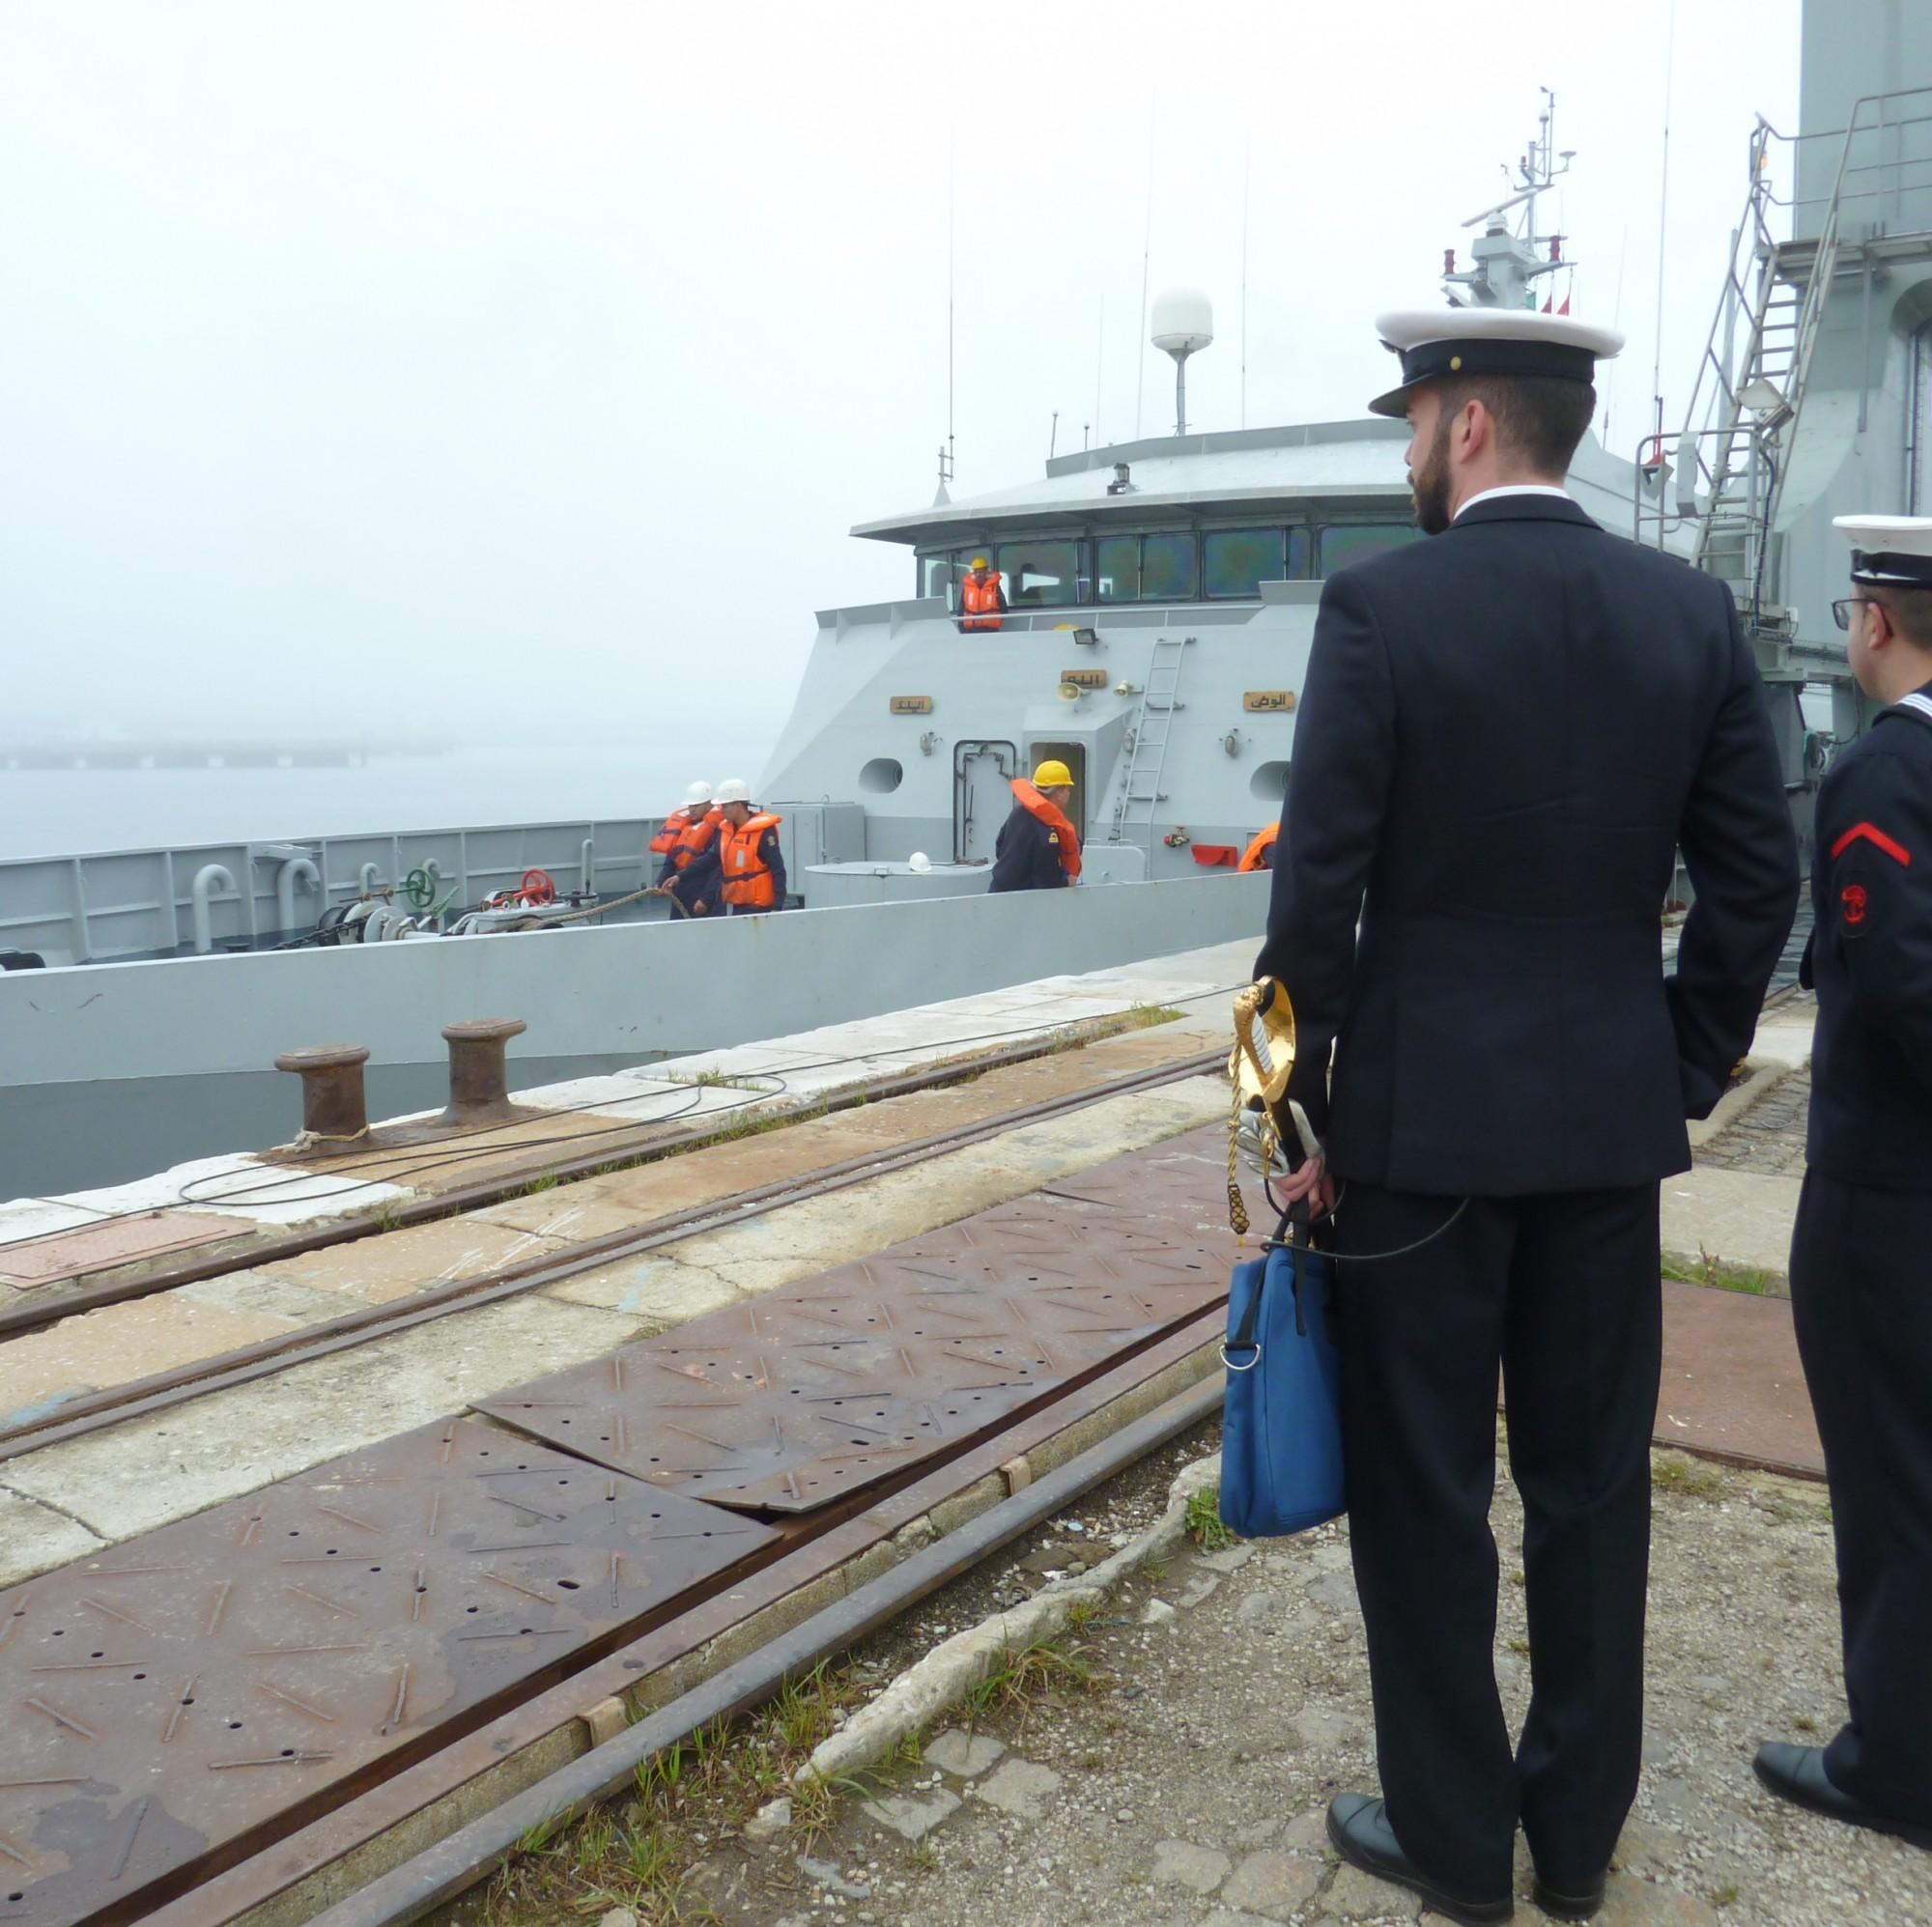 Réparation et Modernisation des navires de la MRM au Portugal - Page 2 Misc177